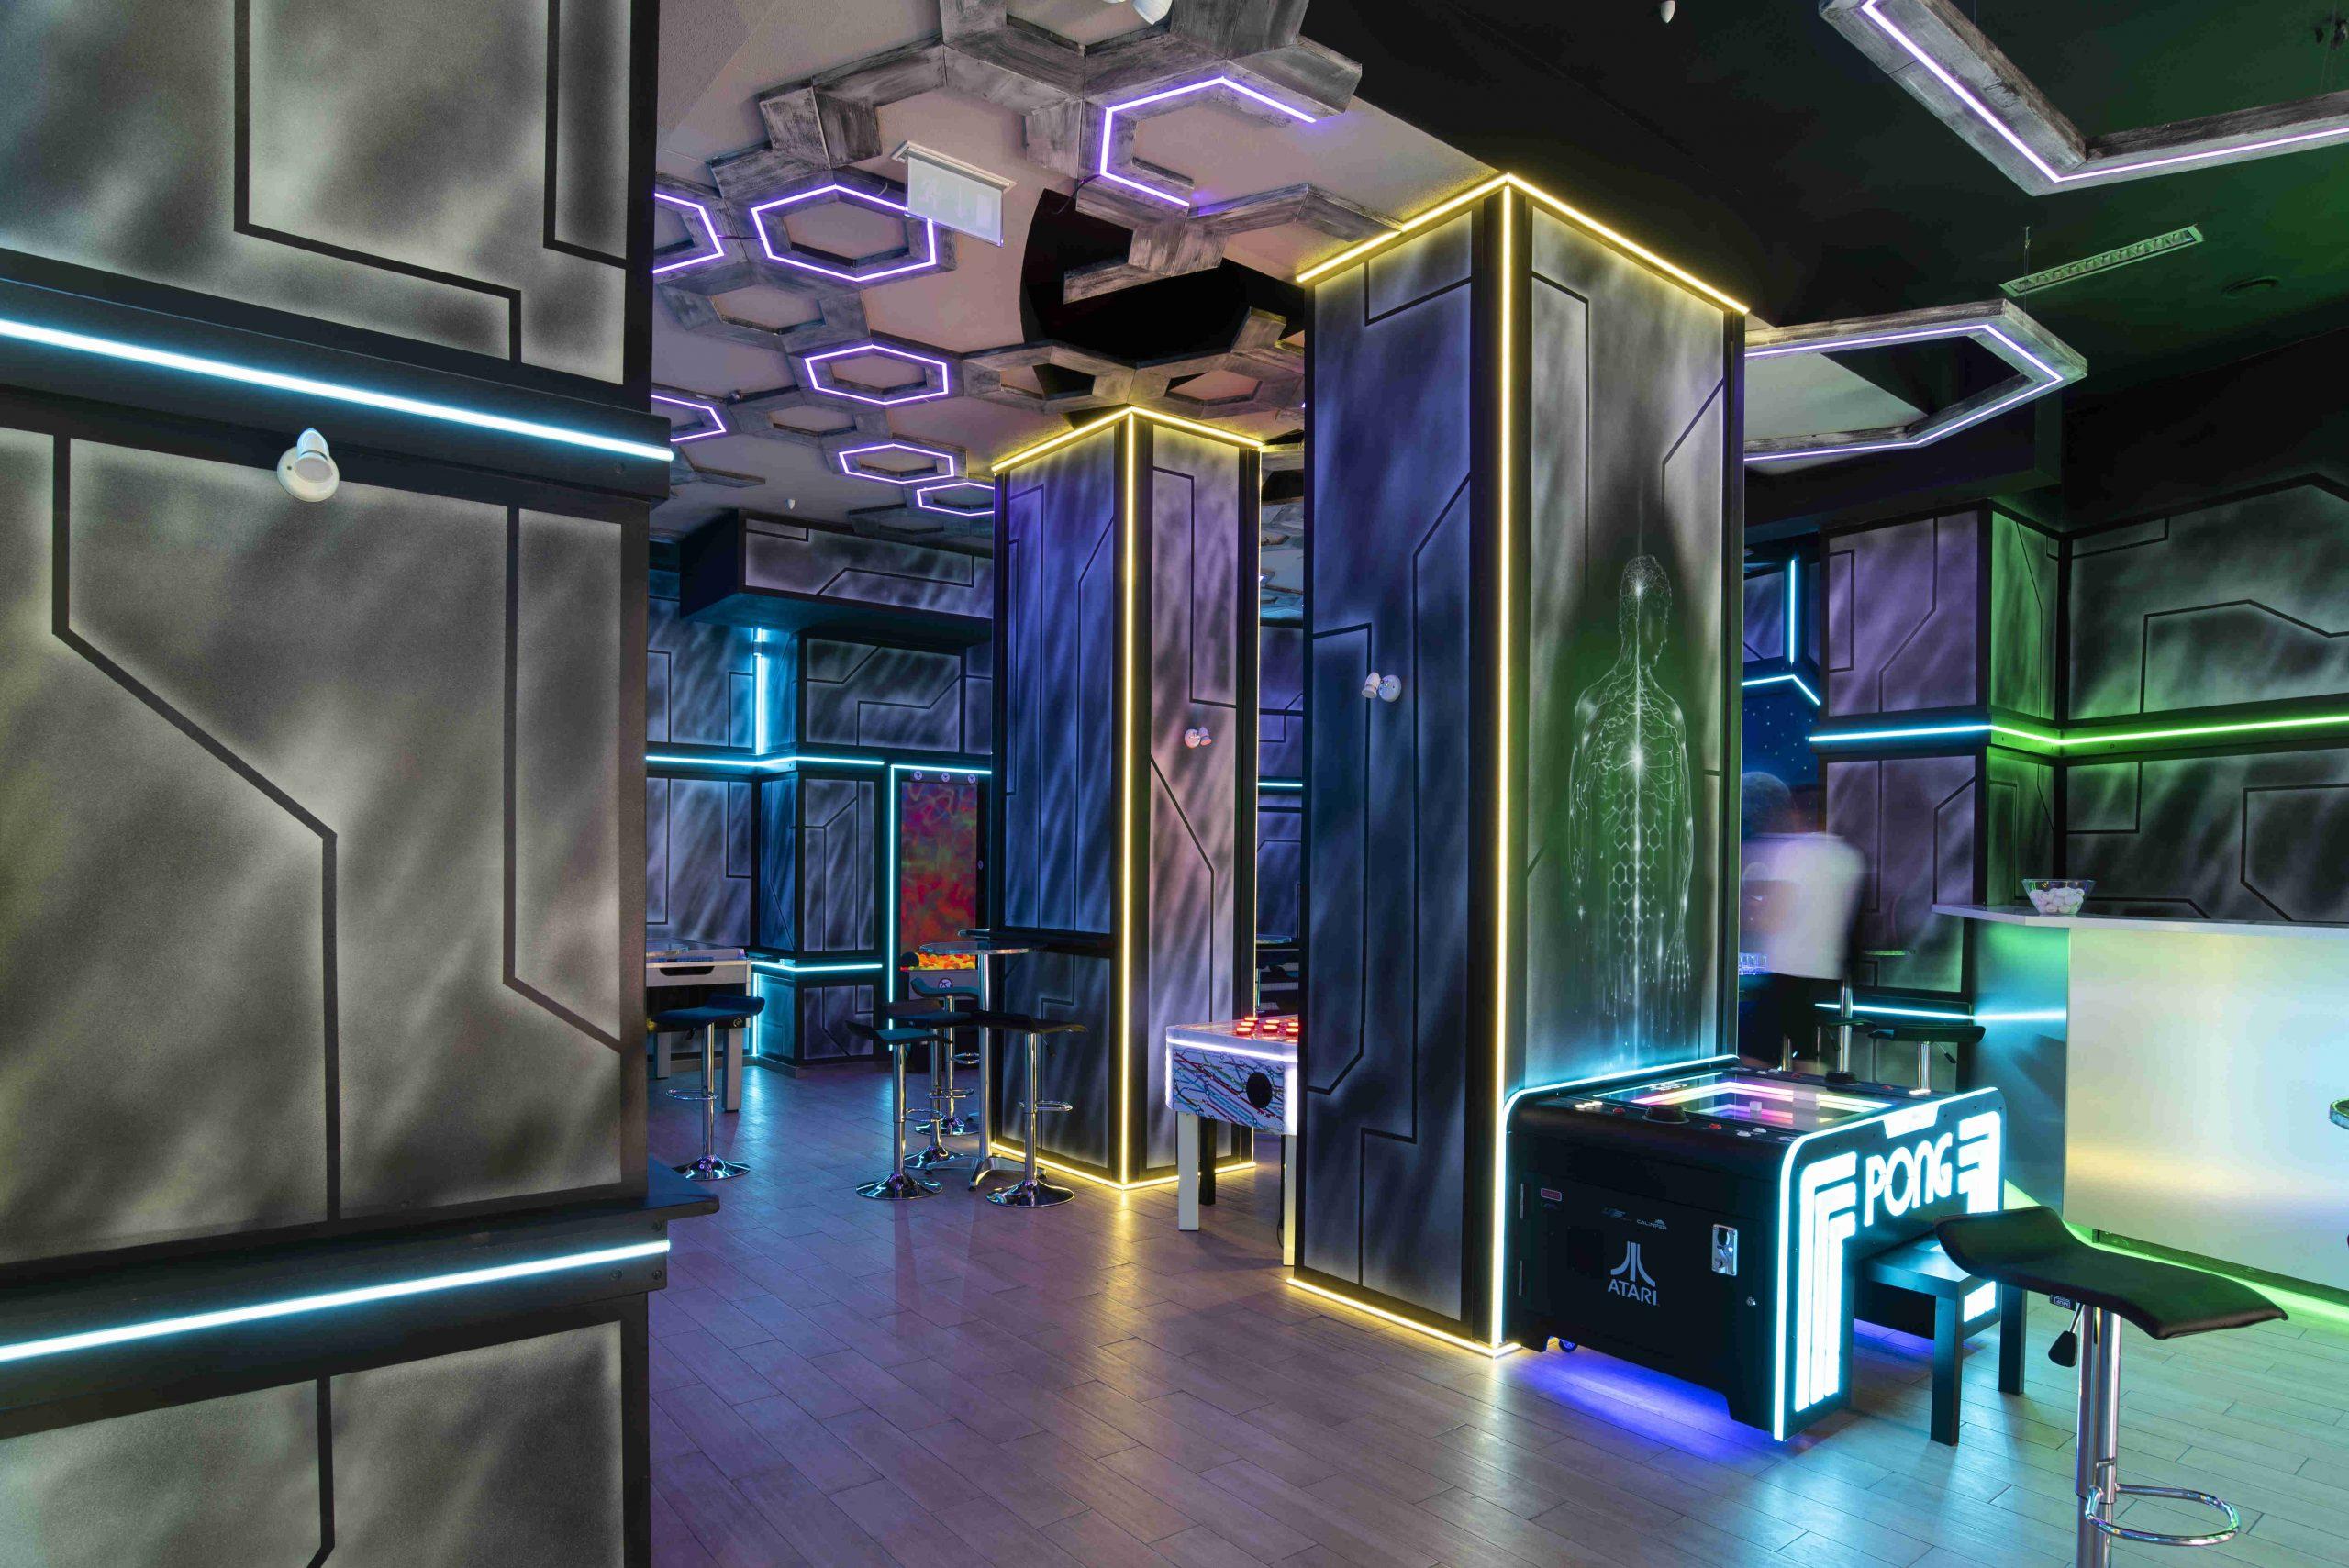 Pomysł na aranżacje klubu kosmicznym stylu, aranżacja iwystruj klubu